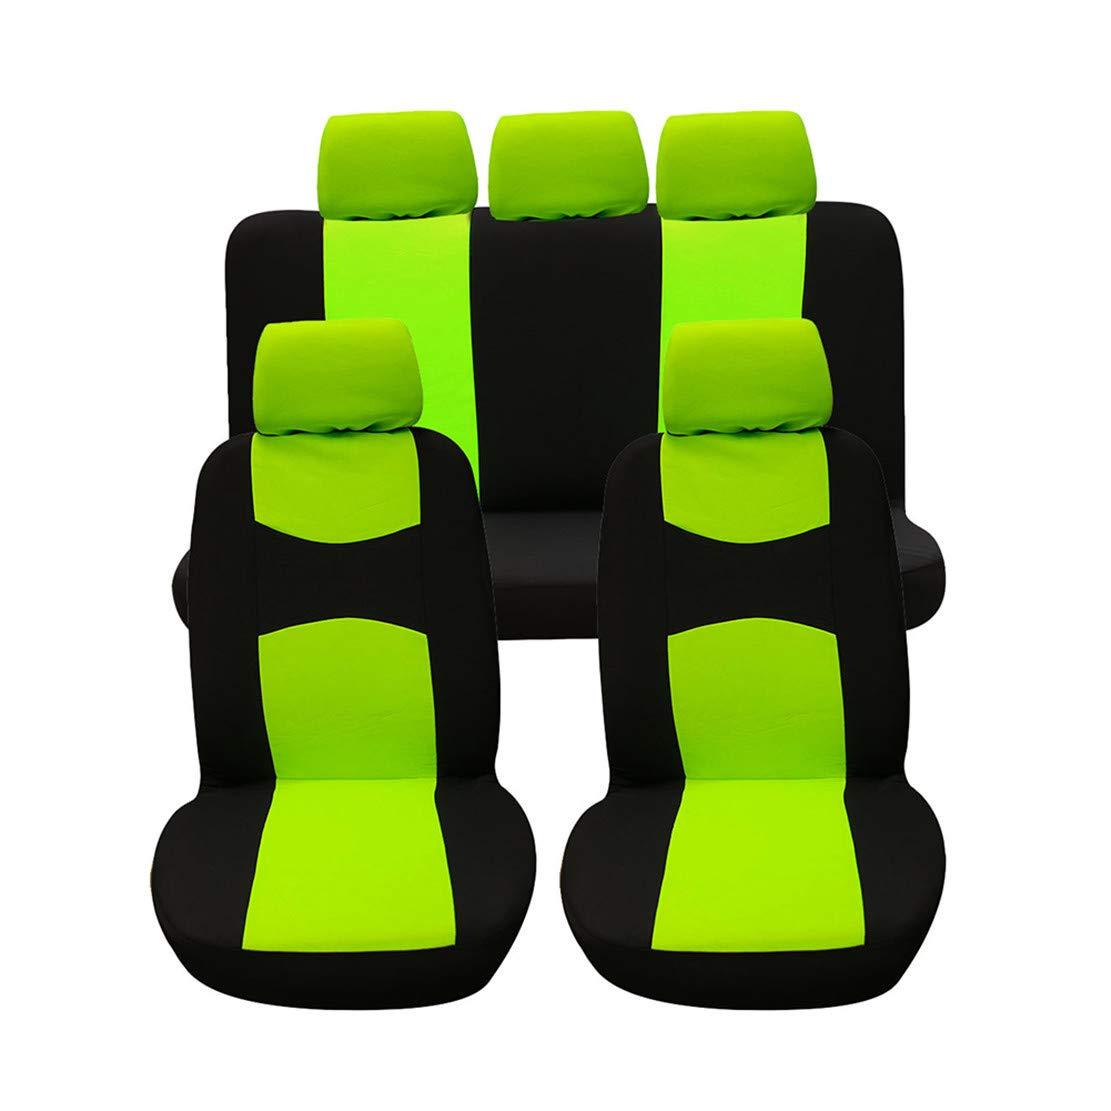 GODGETS Copri-sedili Auto Universale Set Completo//Set Copri-Sedile Universali per Anteriori e Posteriori//Accessori Auto Interno,Nero Giallo,2 Seater Anteriore